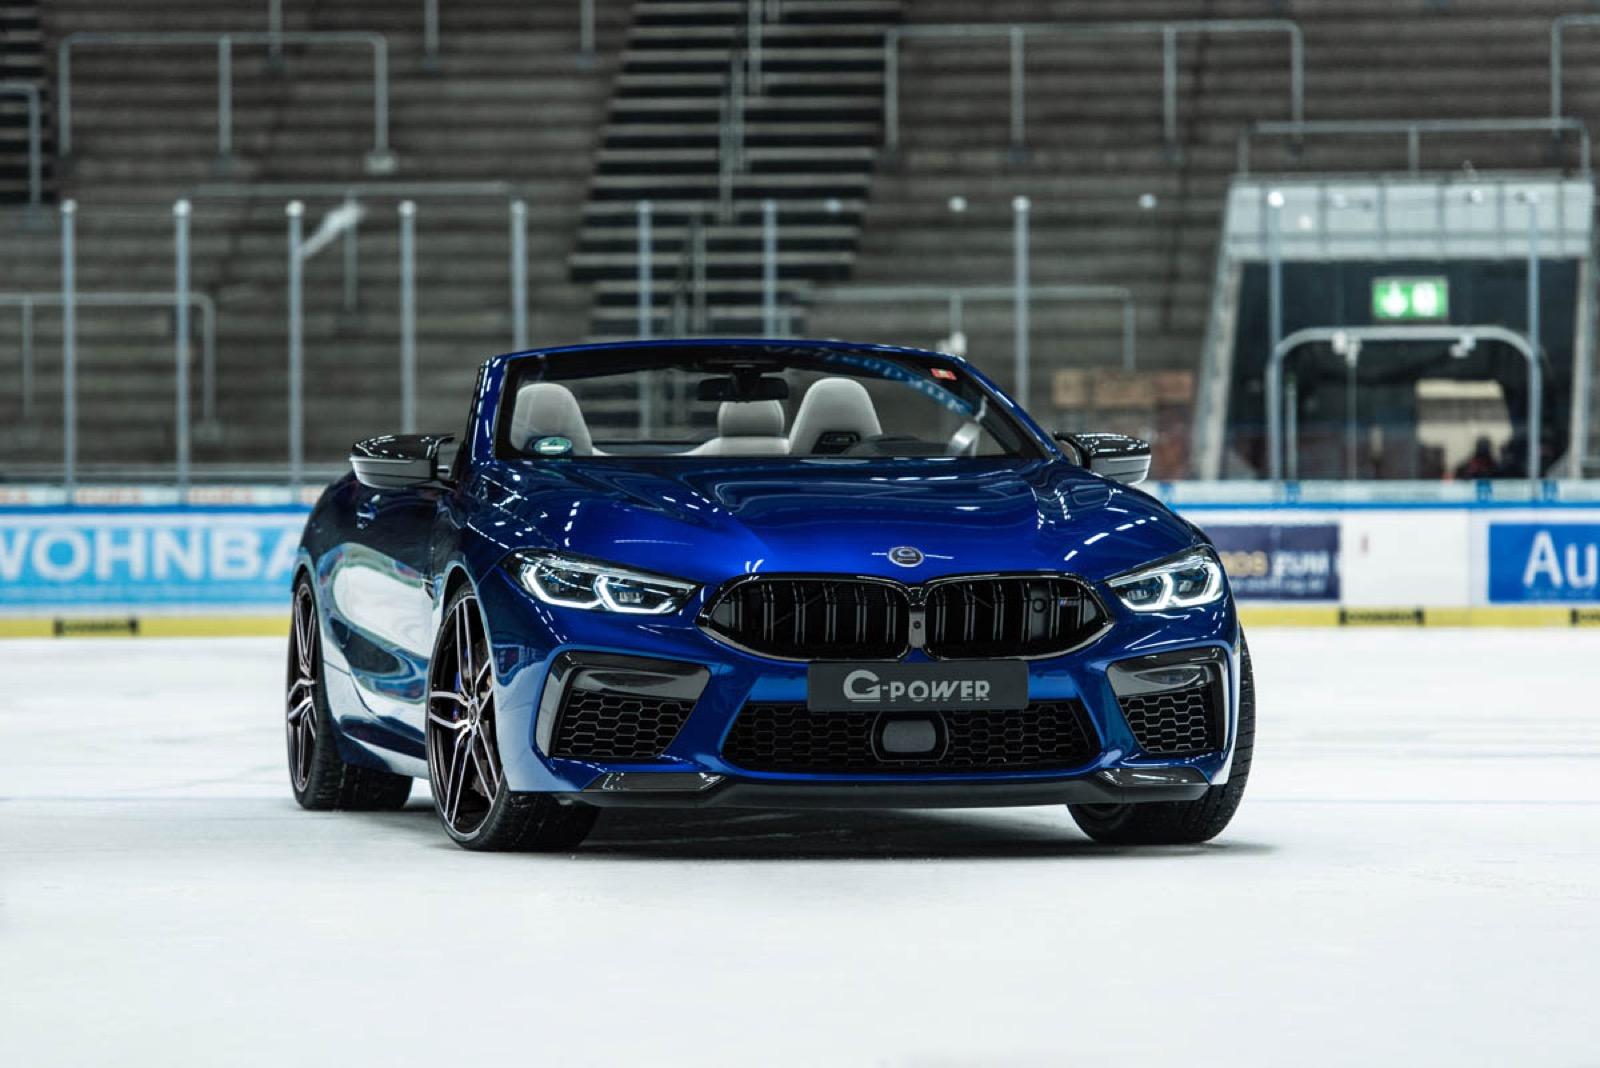 BMW_M8_Cabrio_G-Power_0000